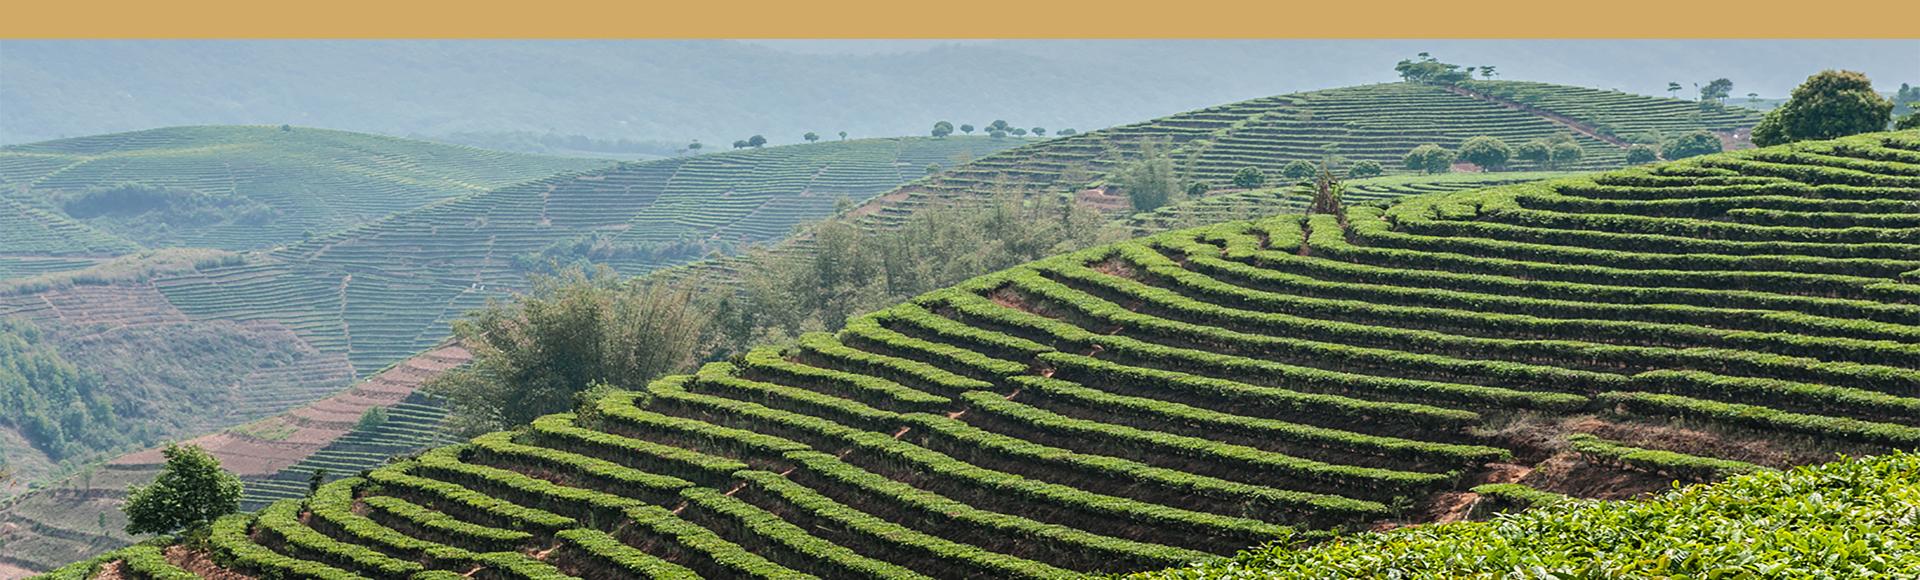 té negro - jardines de te provincia Yunnan China